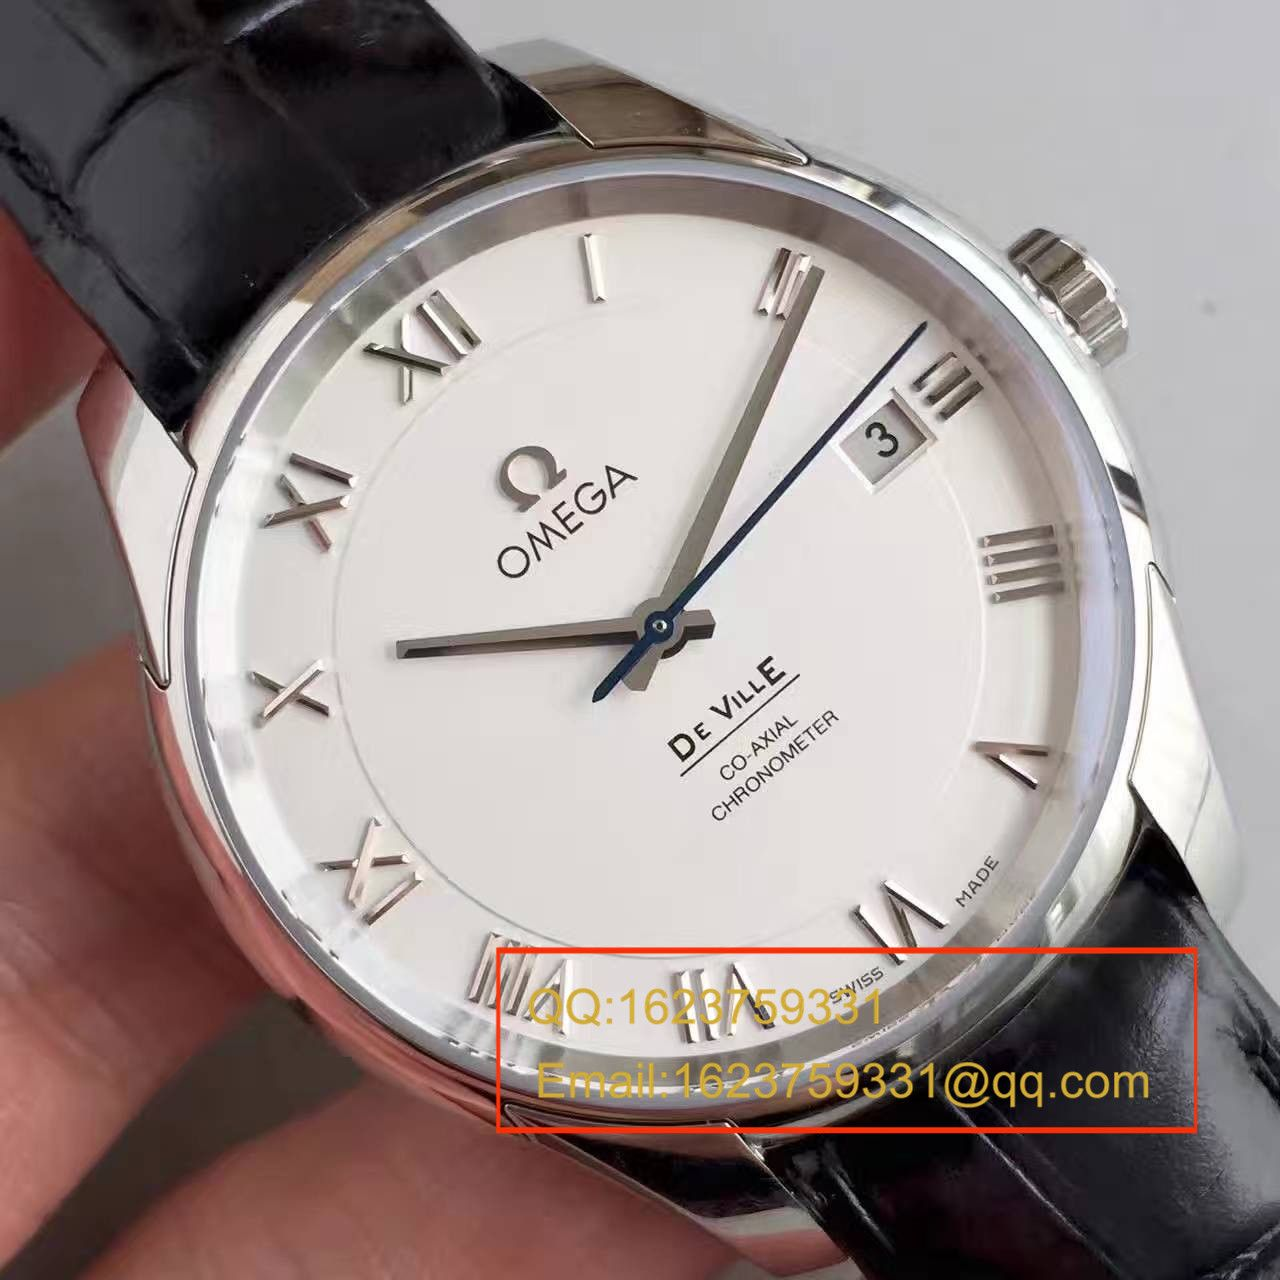 【SSS厂1:1超A复刻手表】欧米茄碟飞系列431.13.41.21.02.001腕表